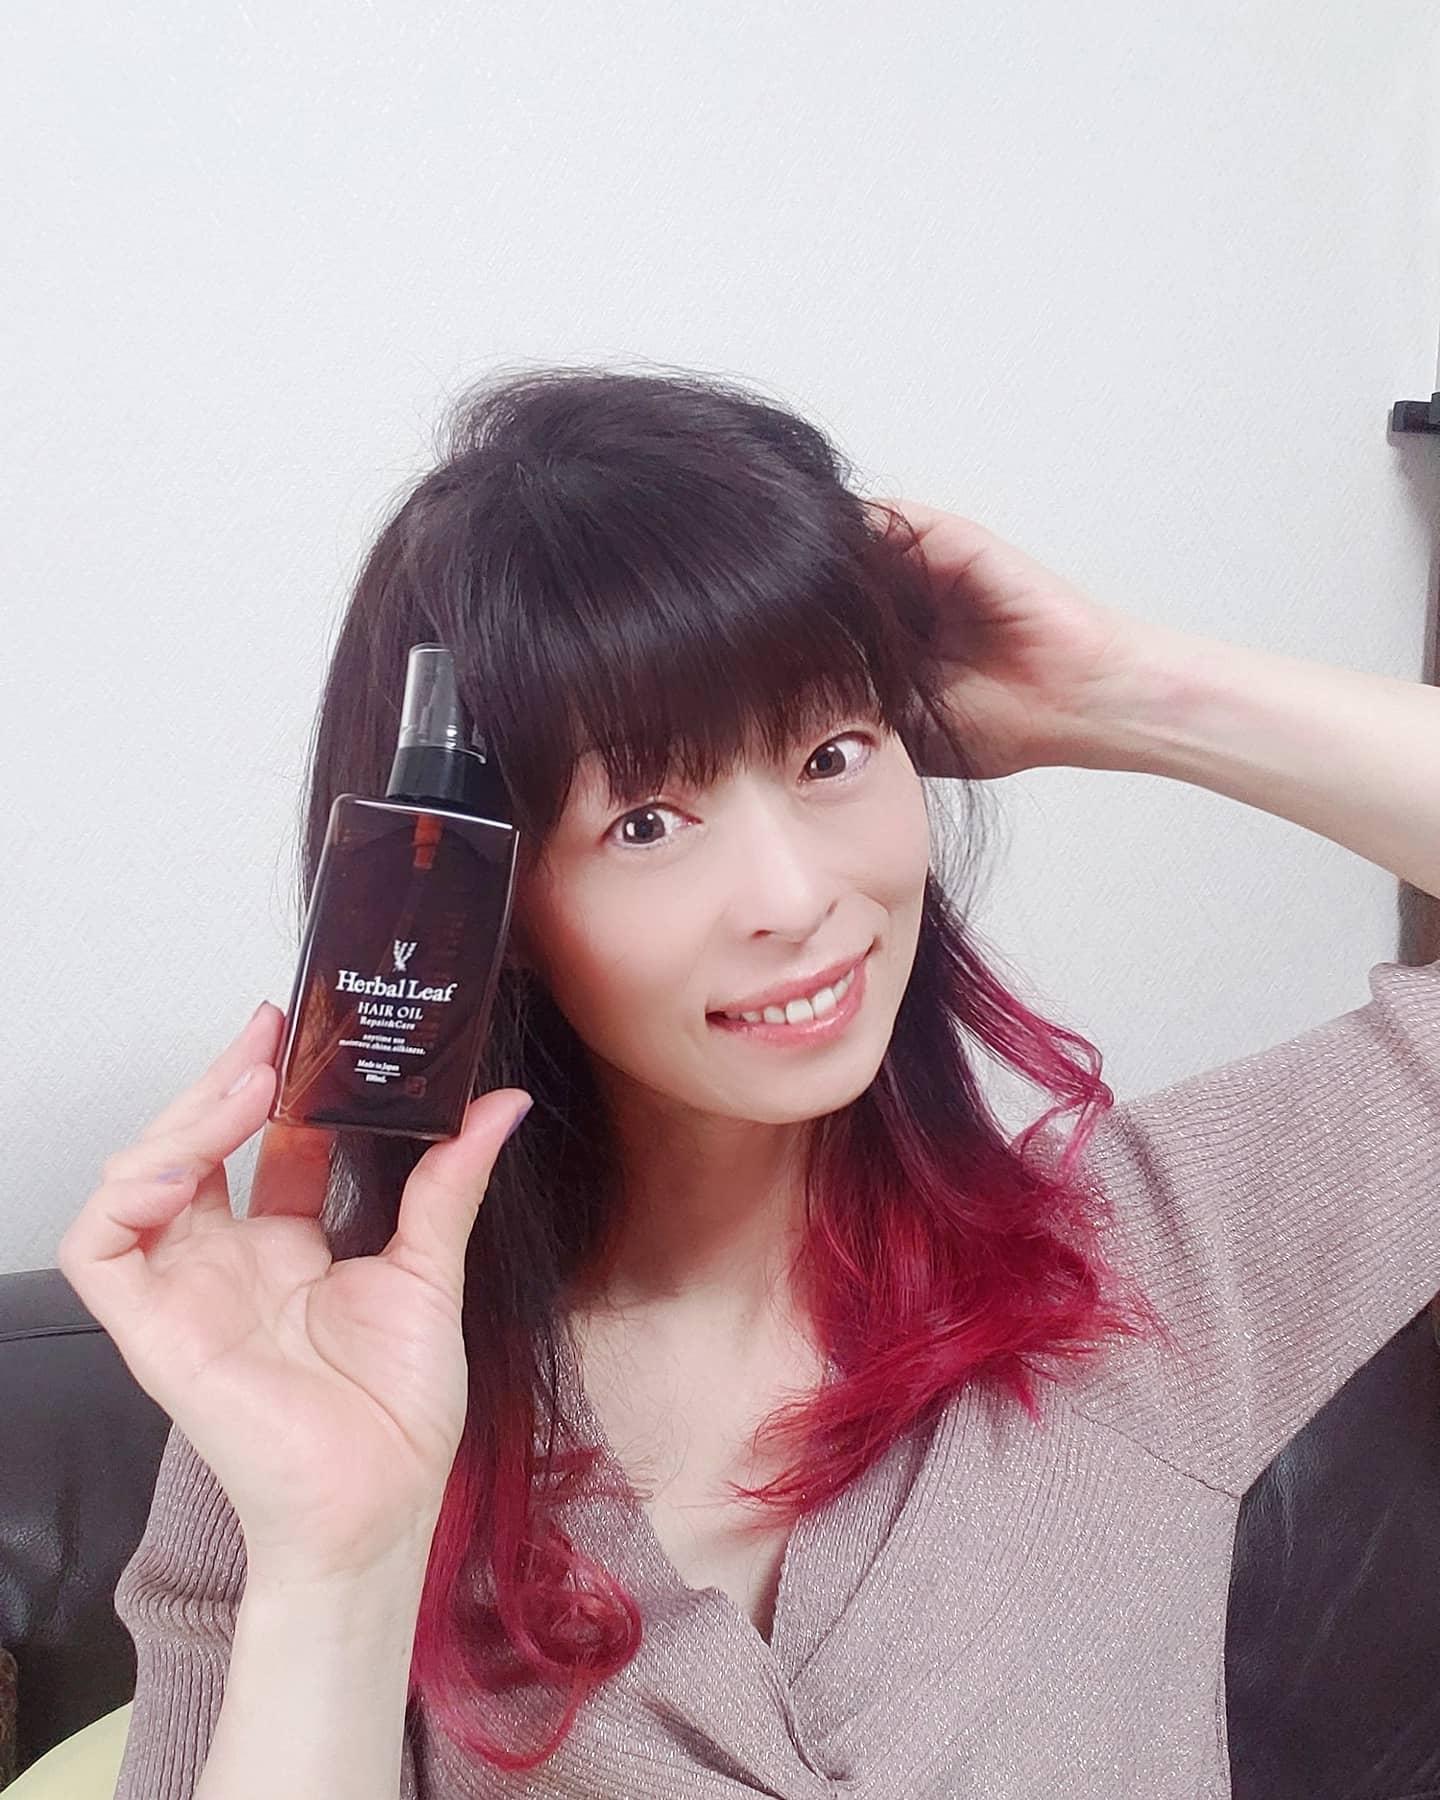 口コミ投稿:私は毛先をいつも明るいカラーにしているからケアは必須!!毛先がパサパサだとせっか…